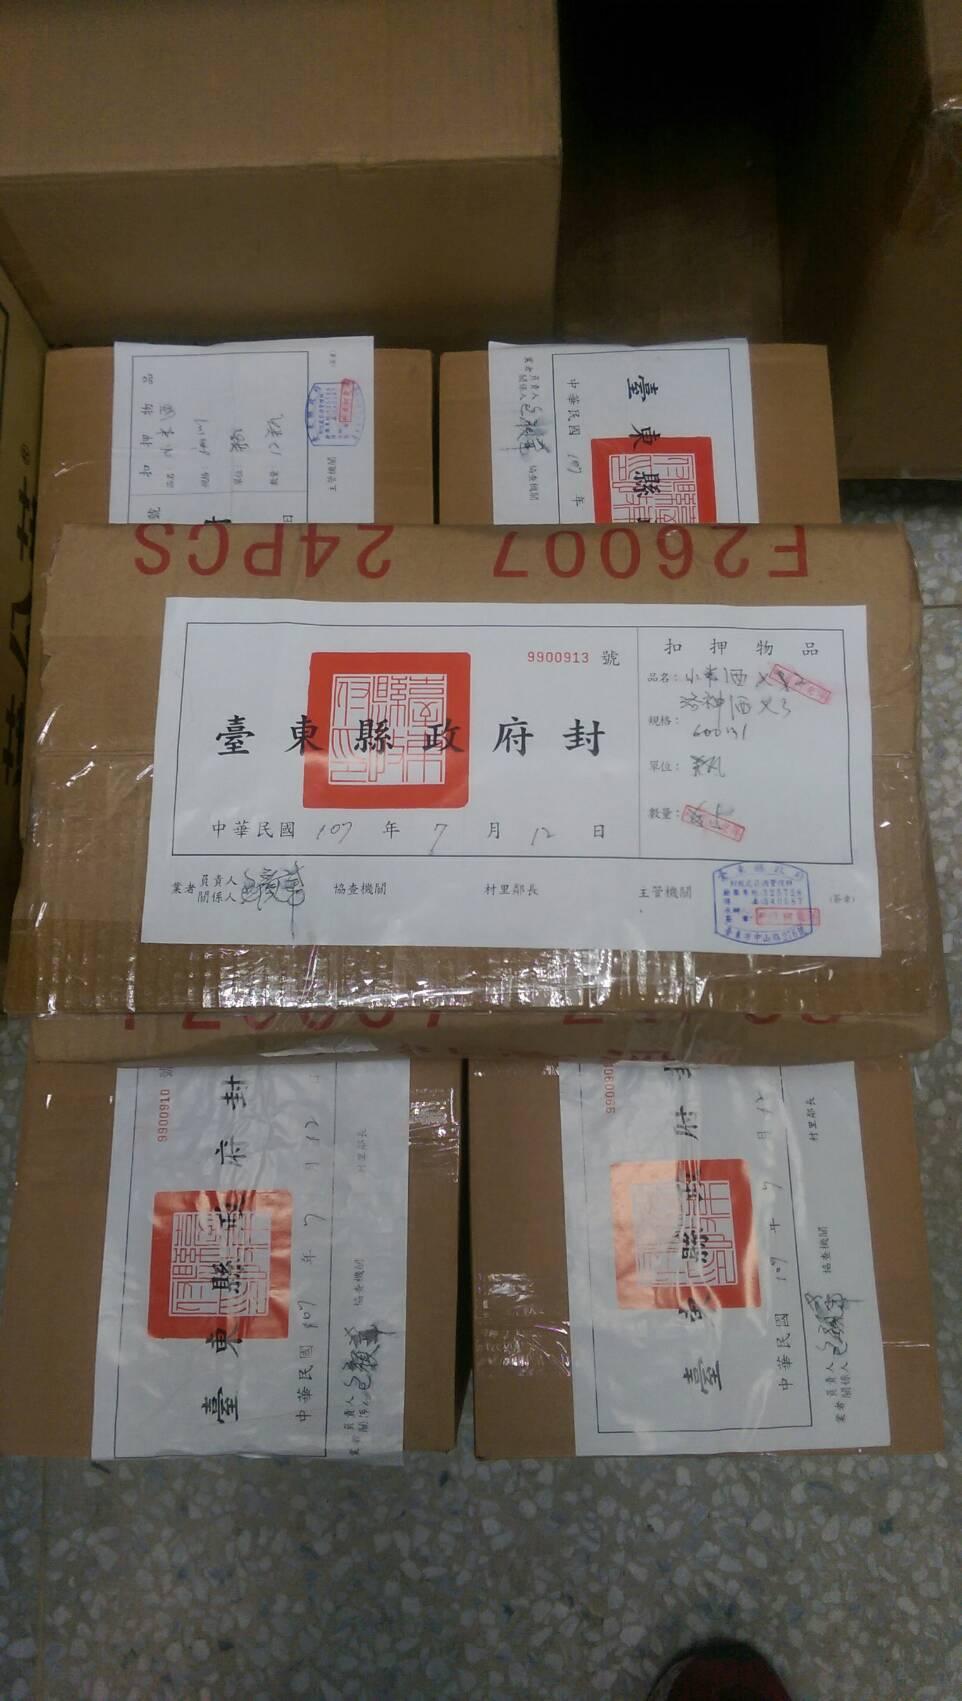 台東縣政府菸酒管理科會同警方到頭目家搜查,當場查扣5箱共58瓶小米酒,並貼上封條...